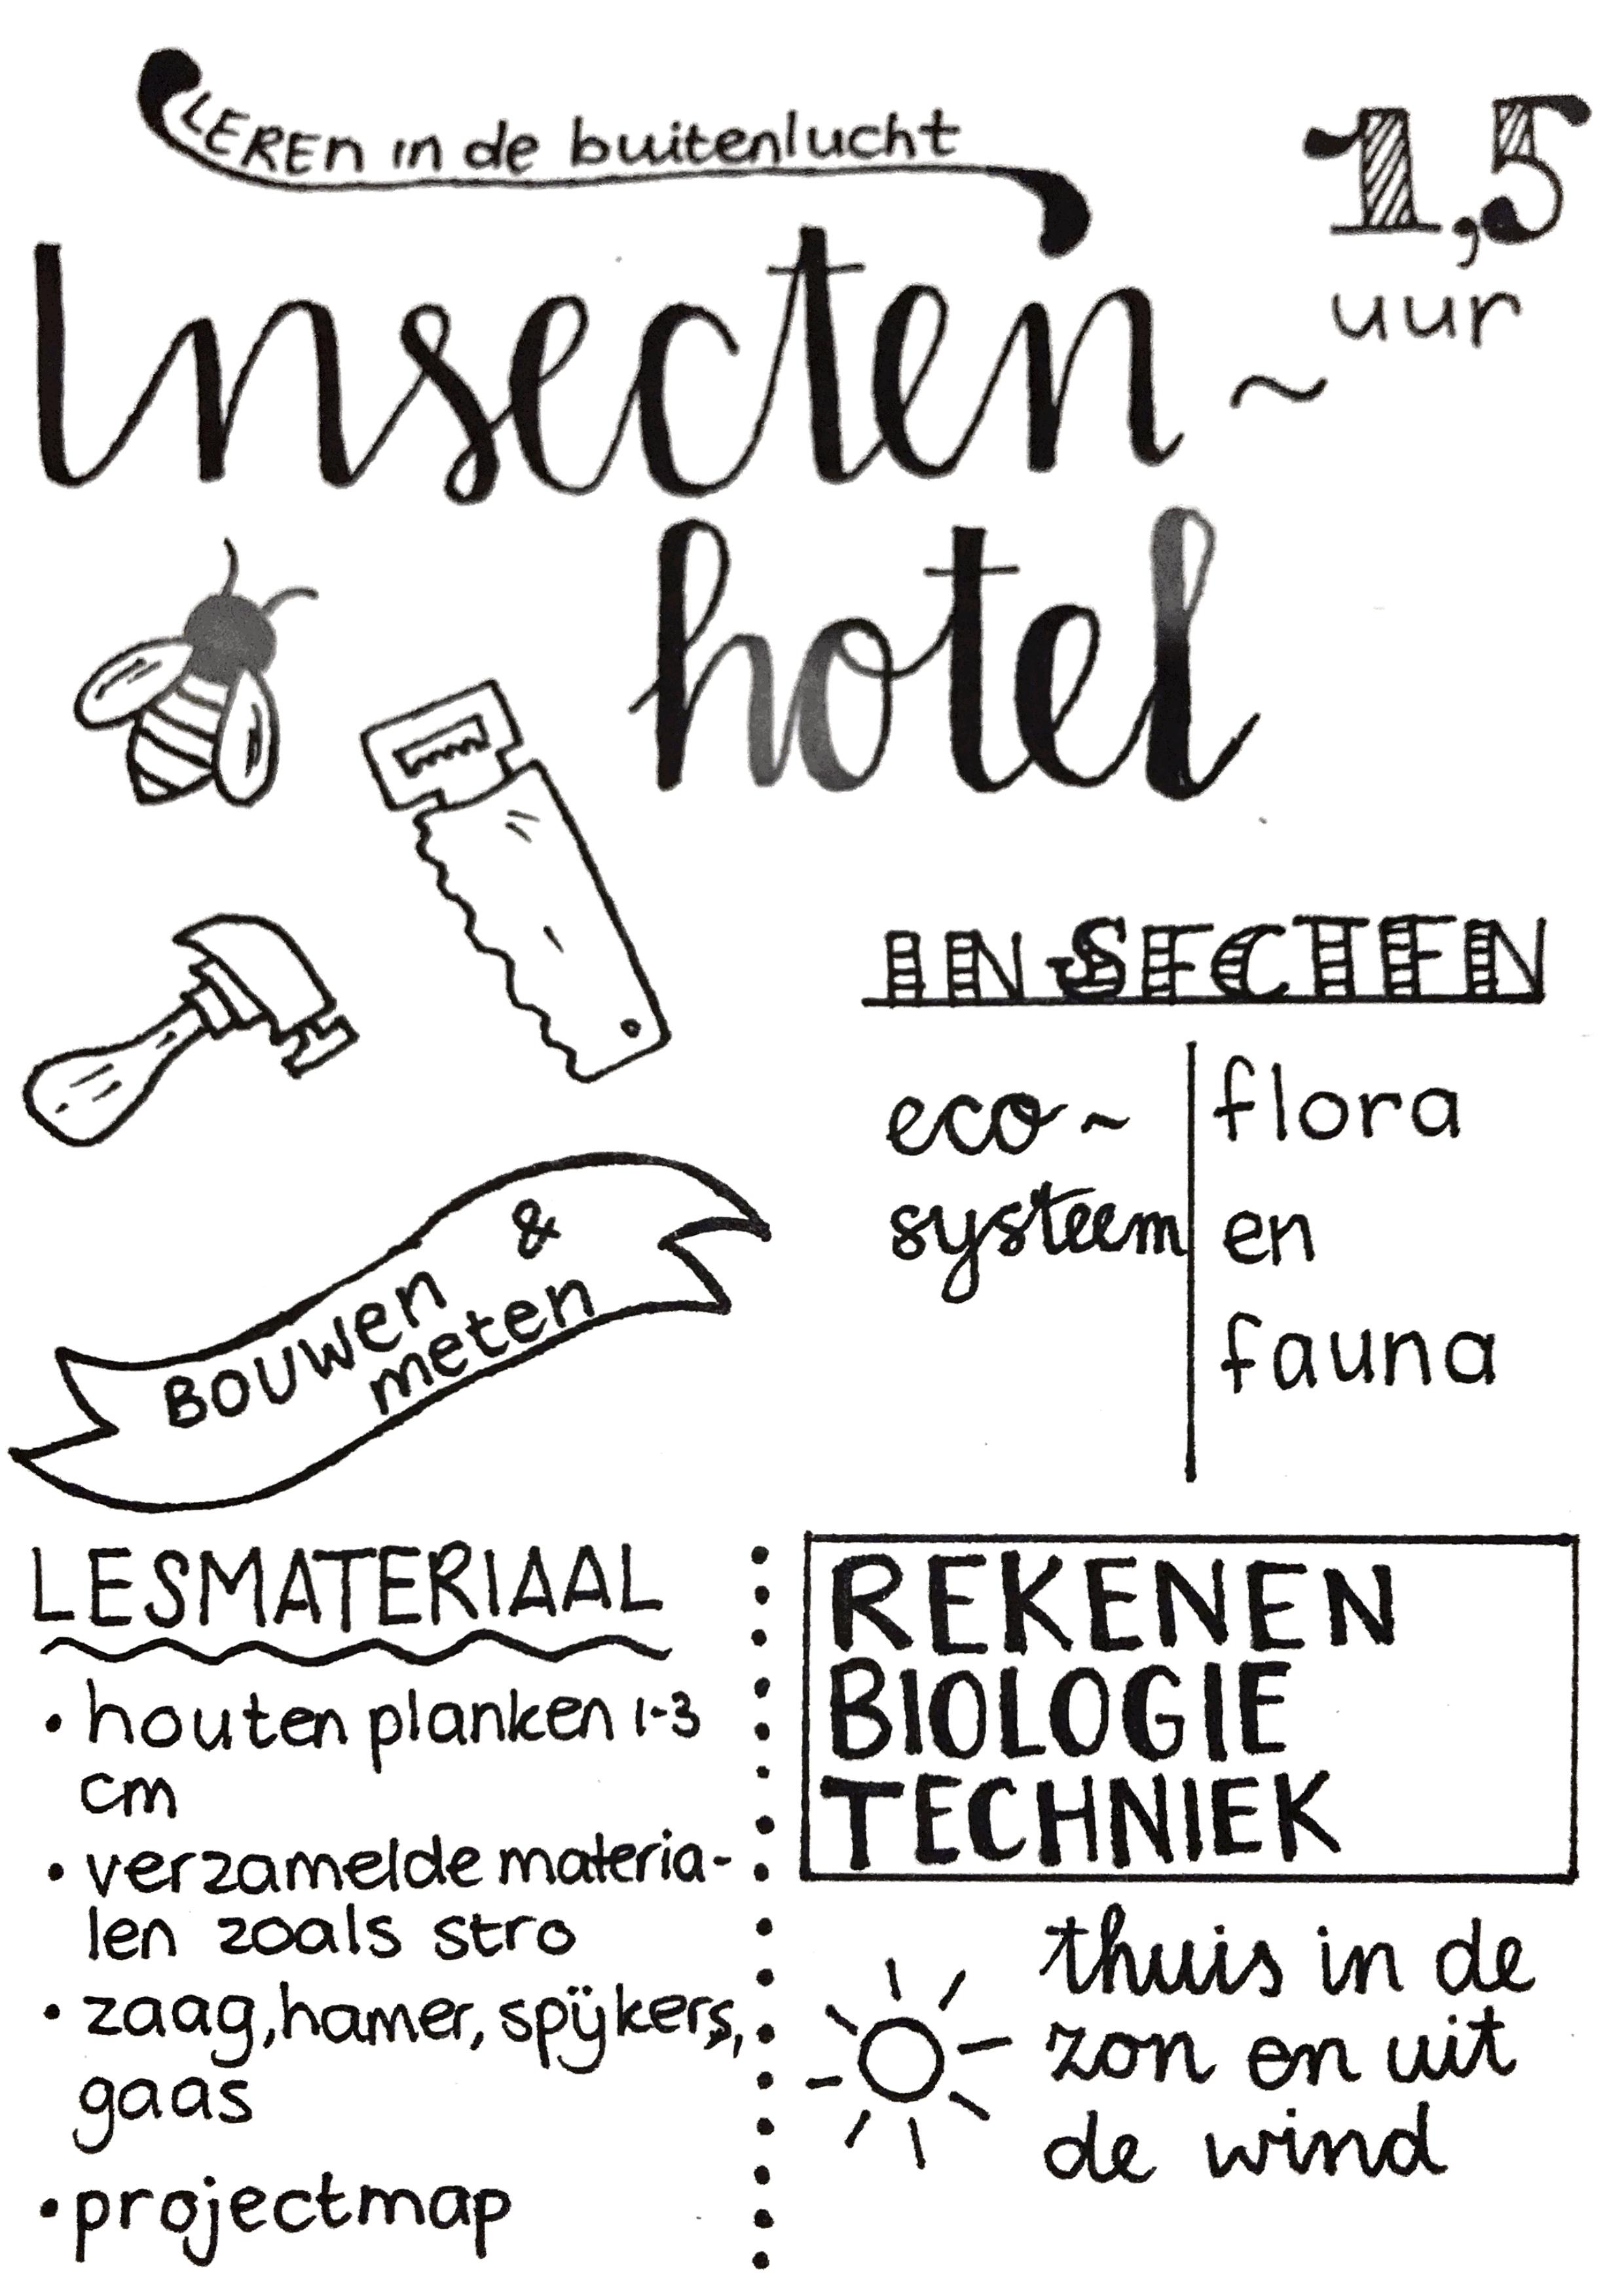 insectenhotel-aangepast